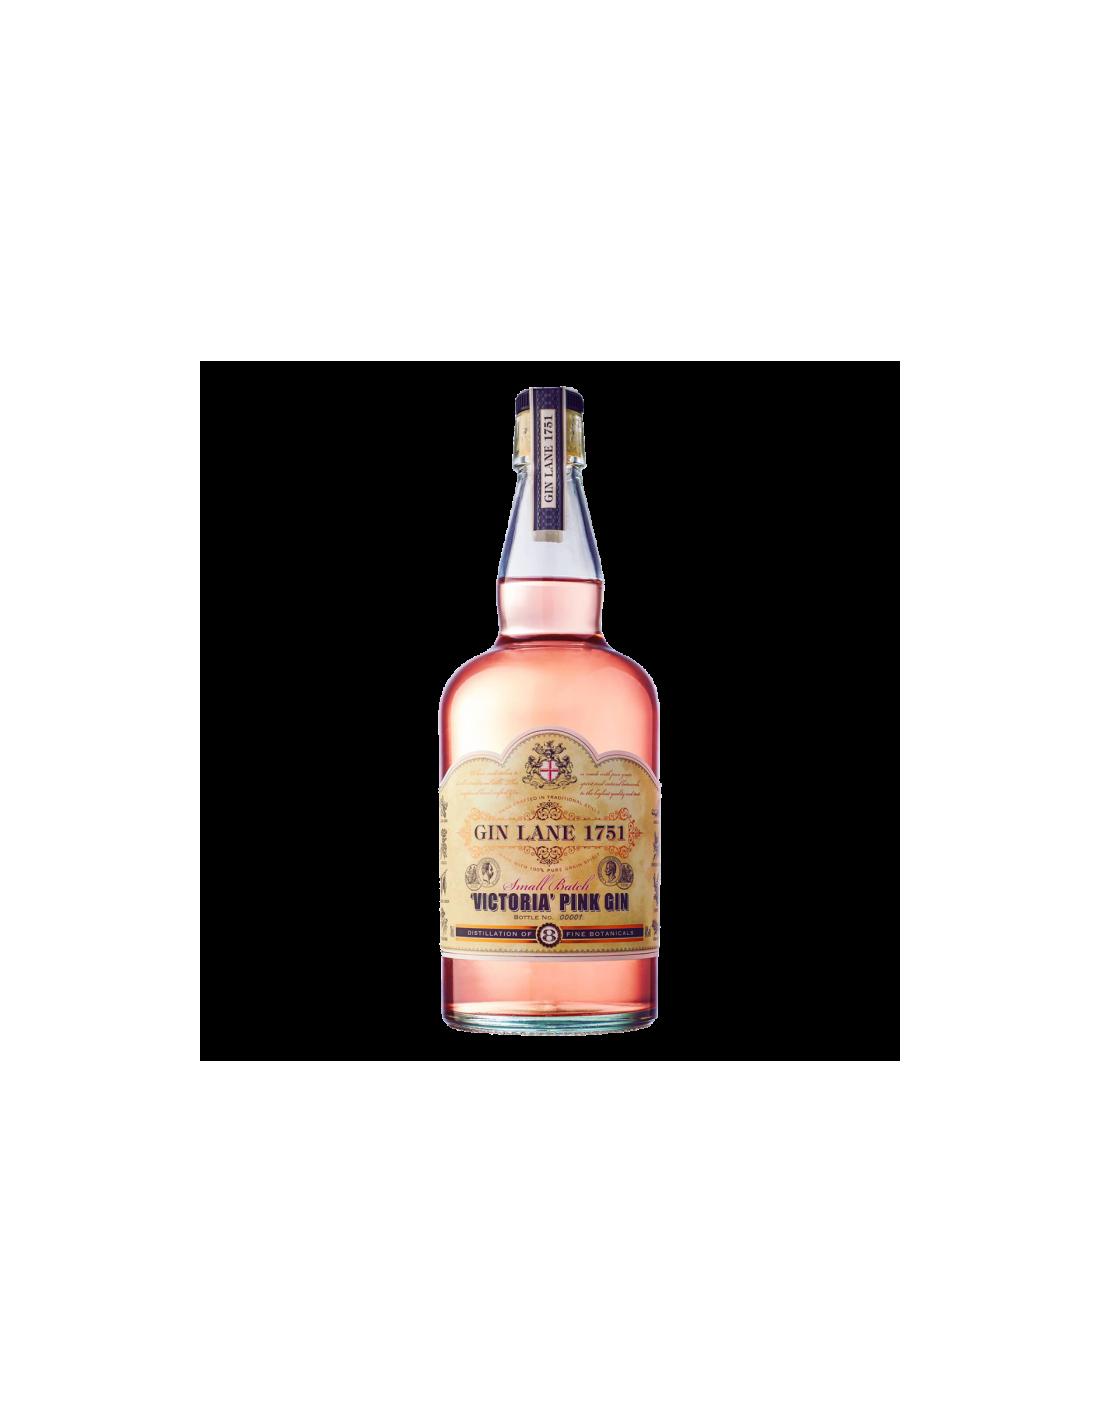 Gin Lane 1751 Victoria Pink 40% alc., 0.7L